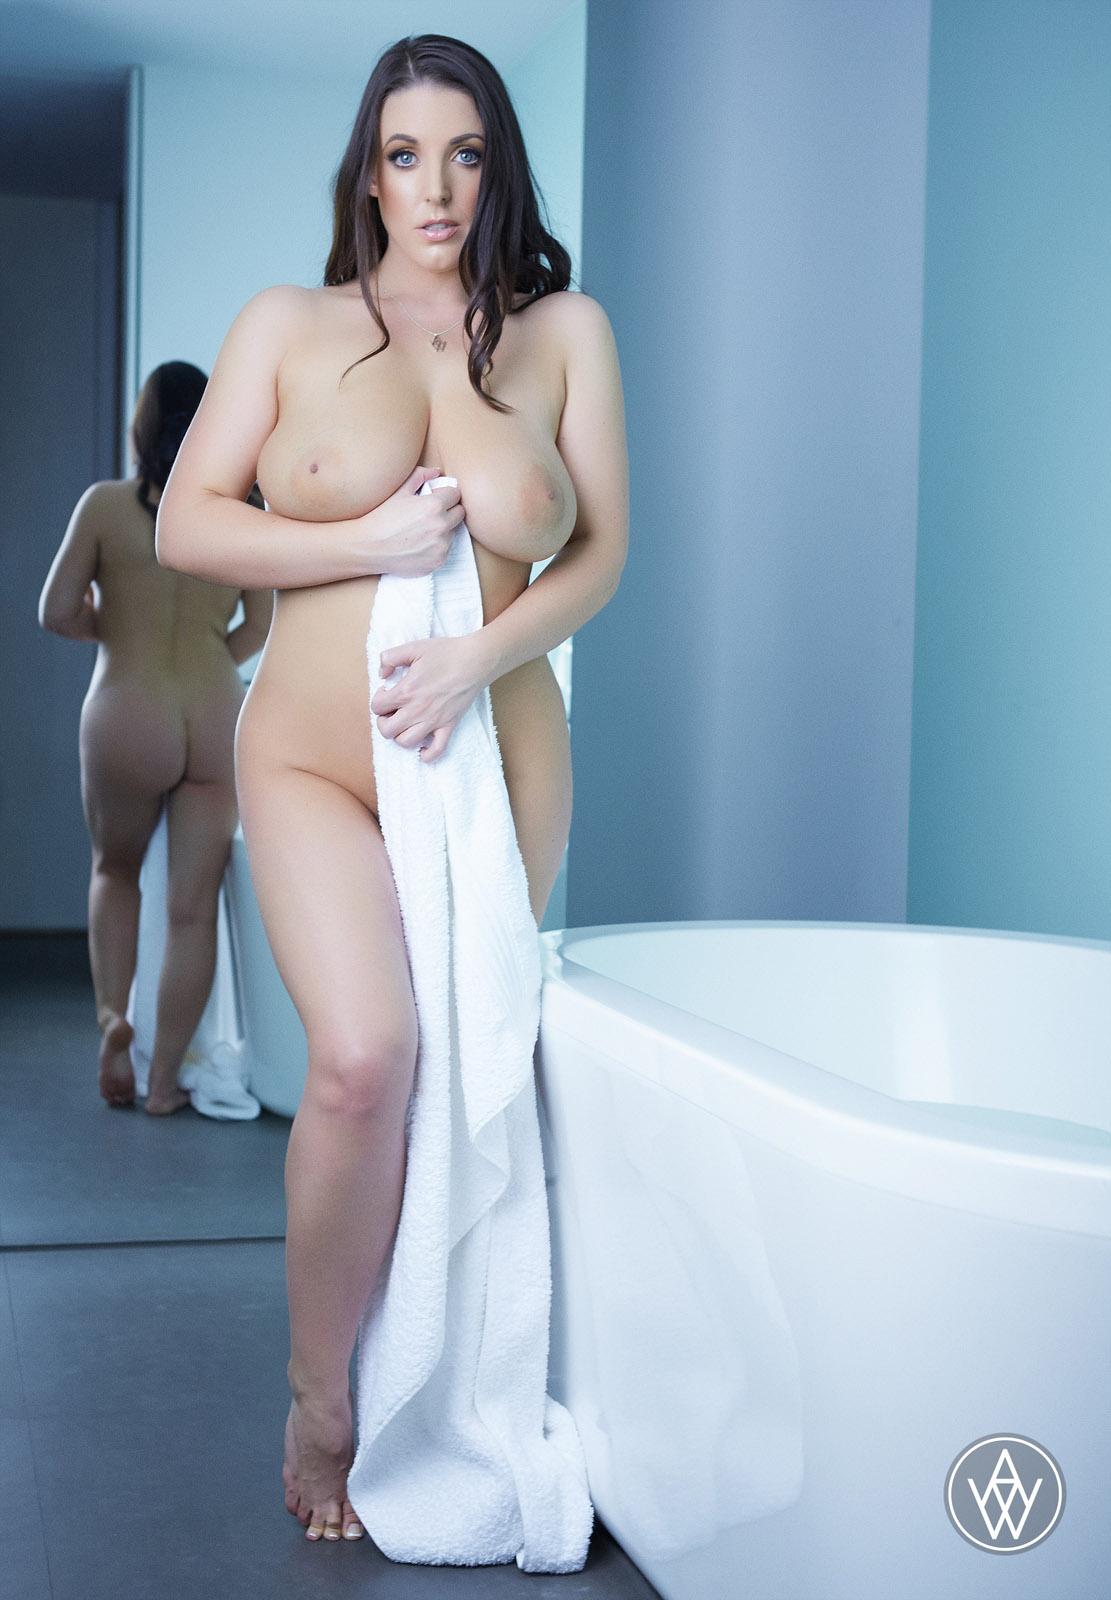 Angela Whit